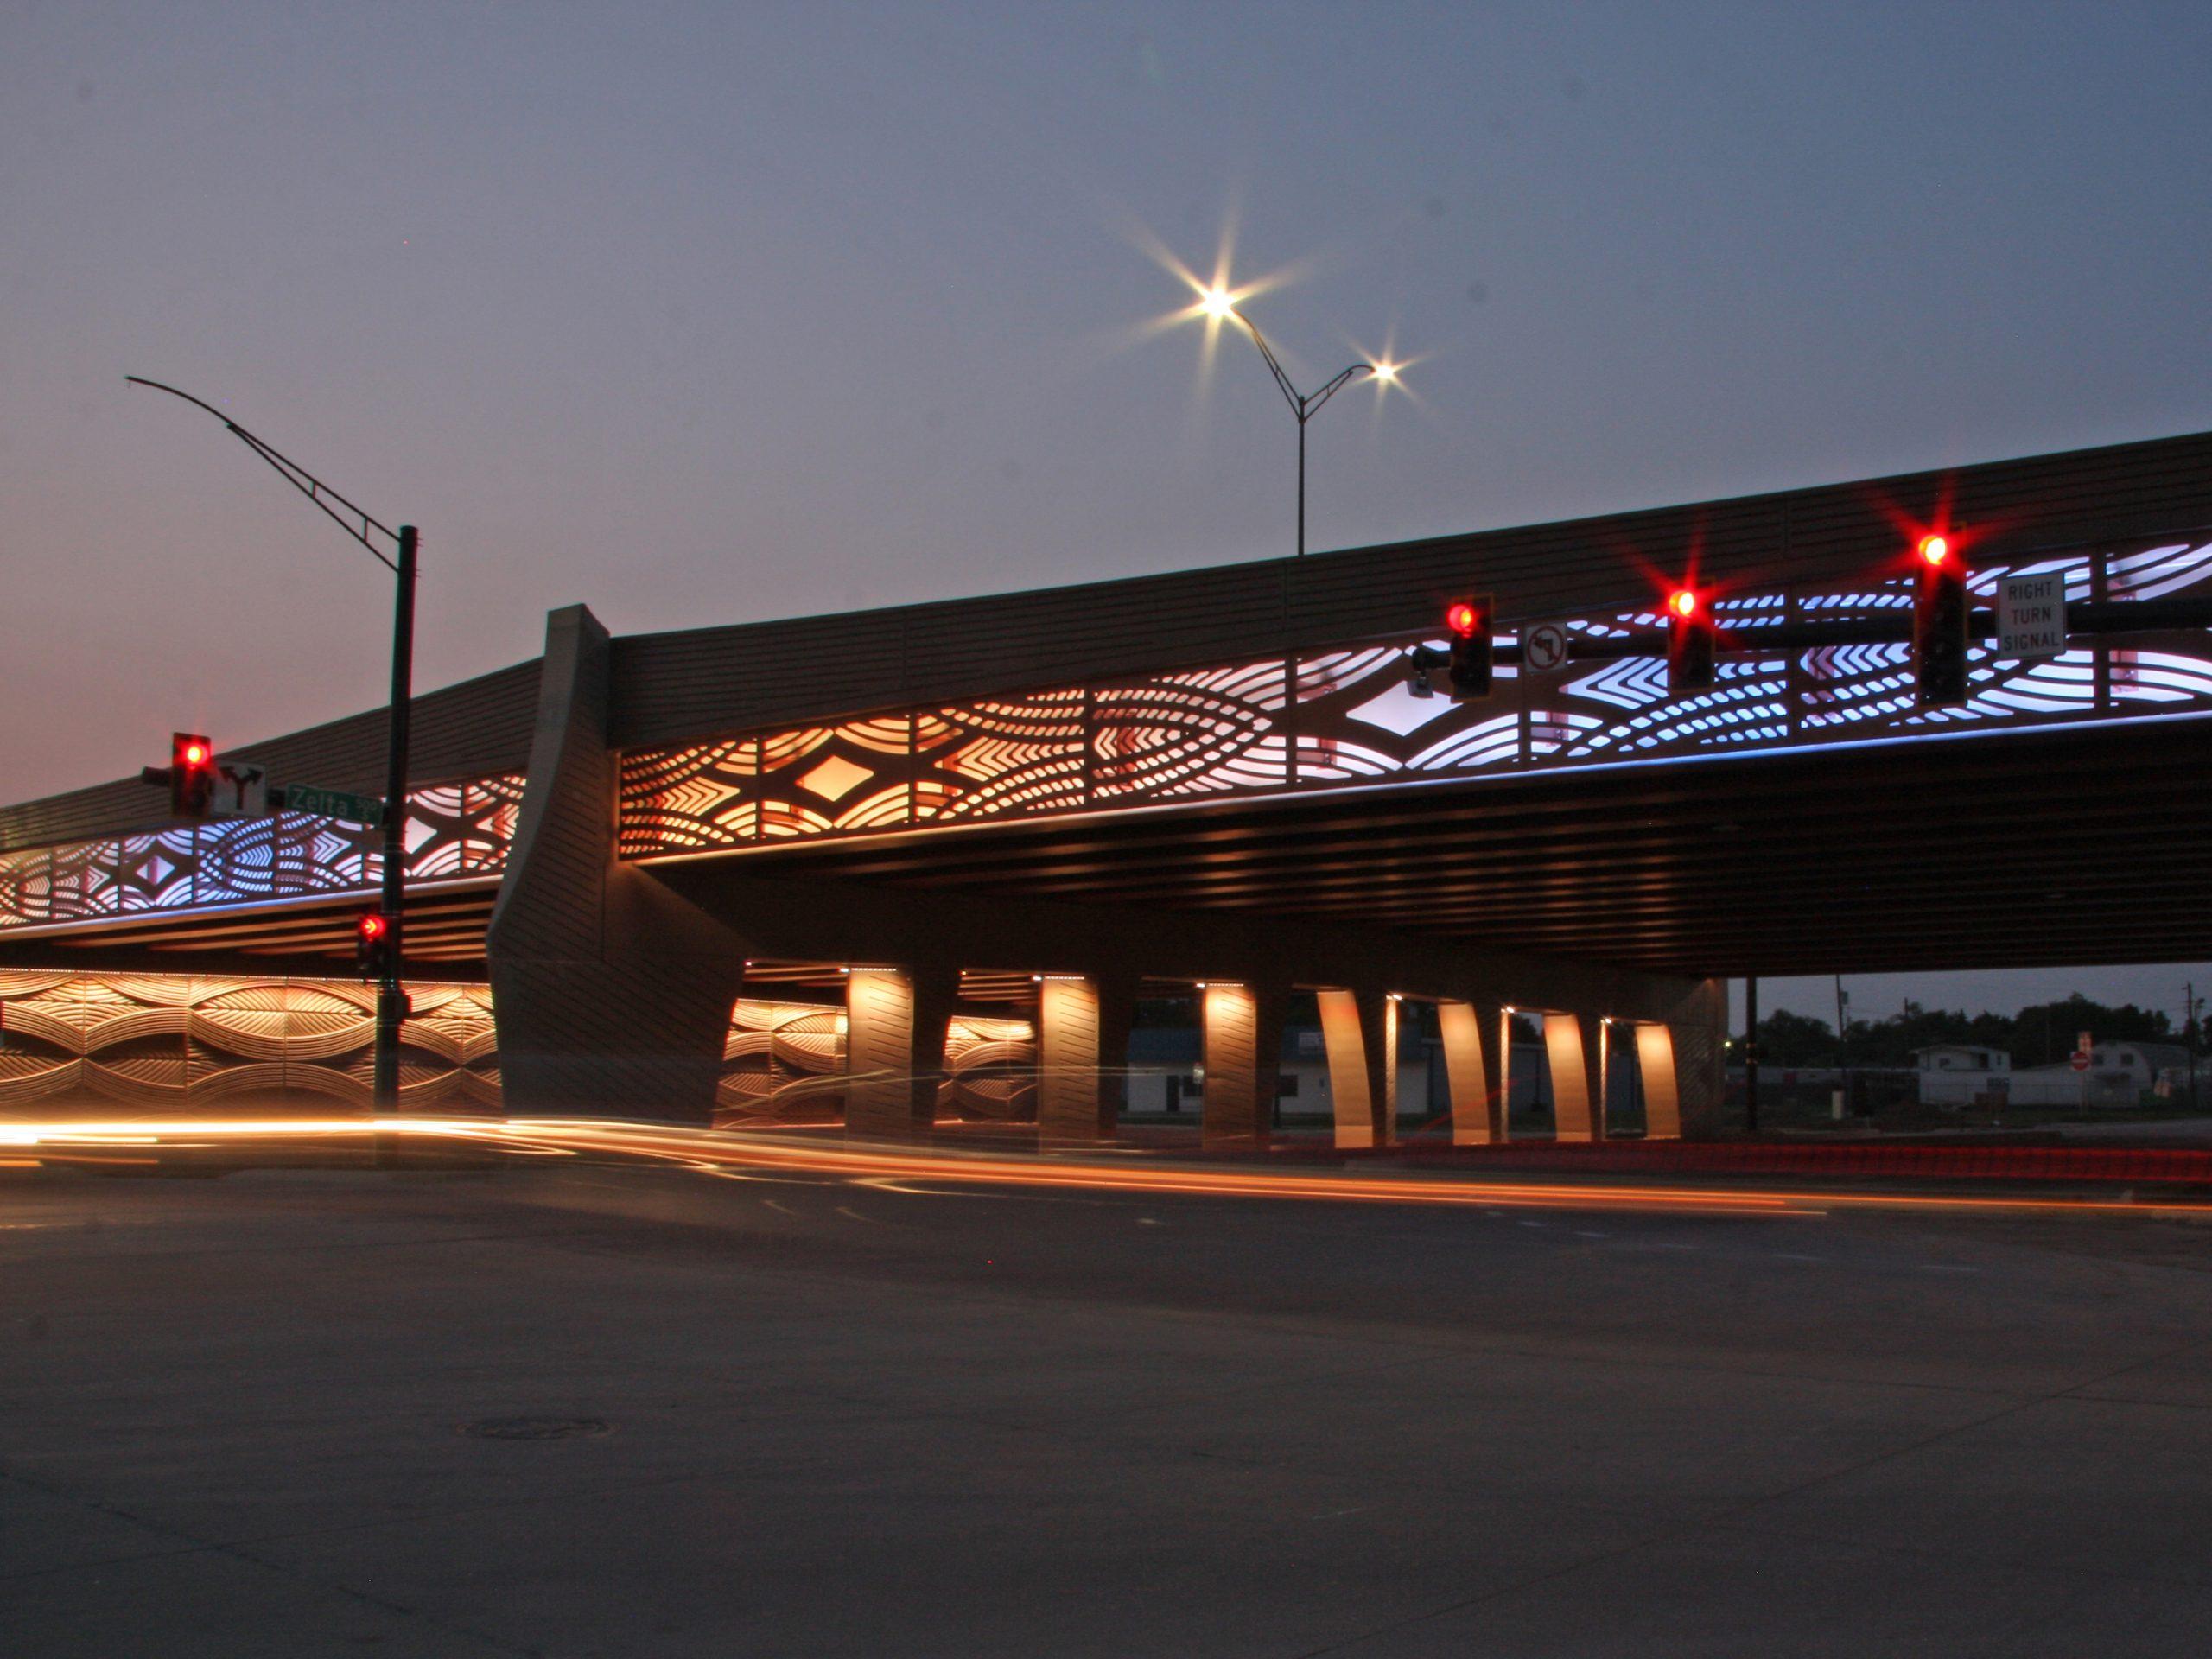 East Kellogg Improvement Projects I & II - CODAworx